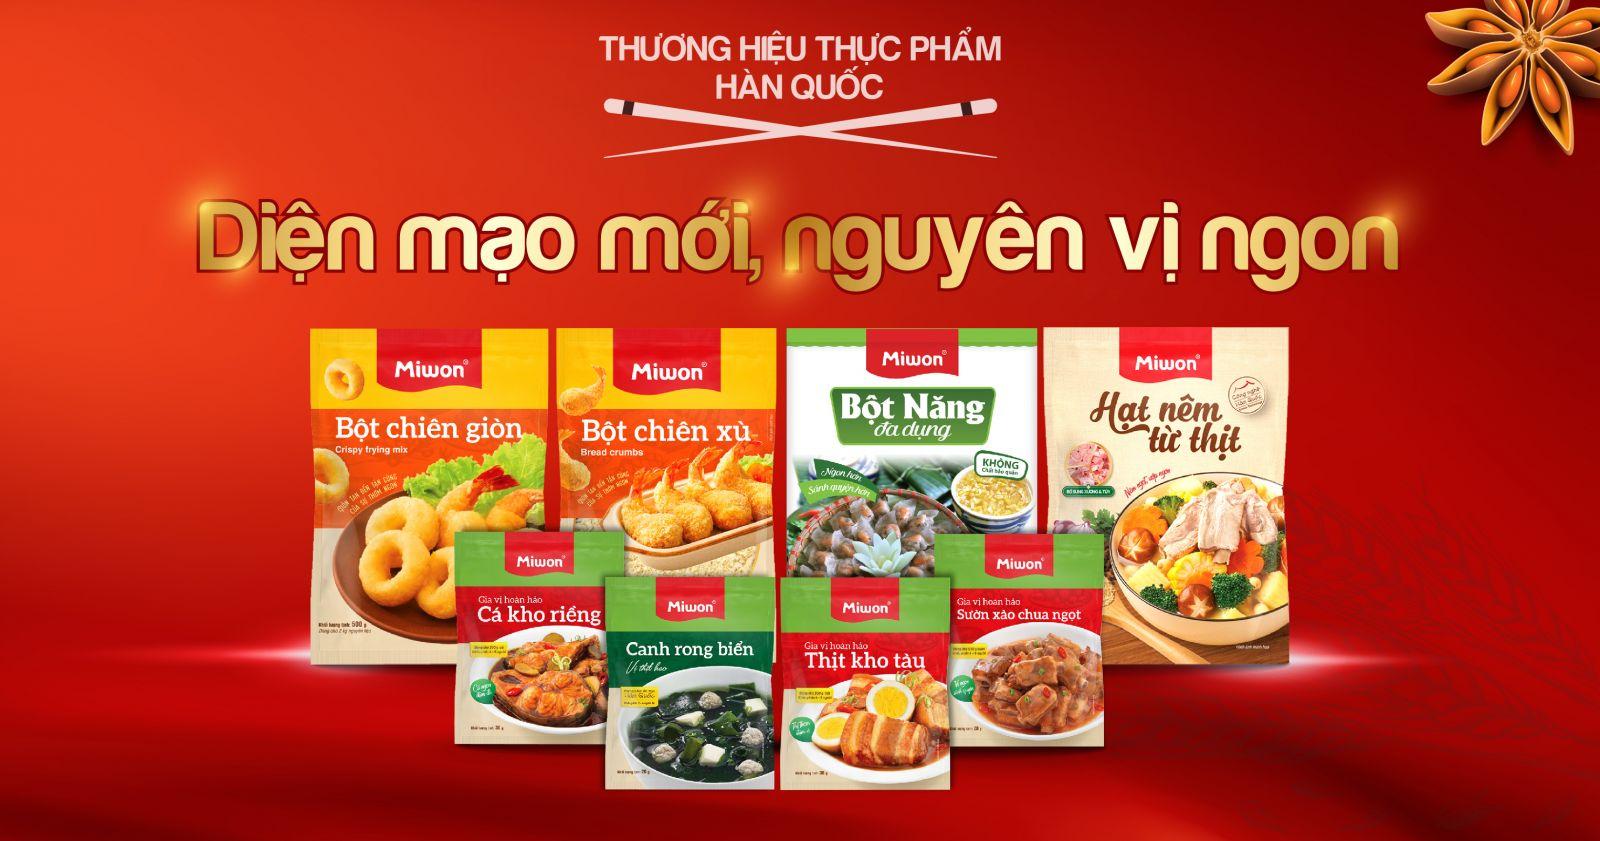 Miwon Việt Nam - Diện mạo mới nguyên vị ngon